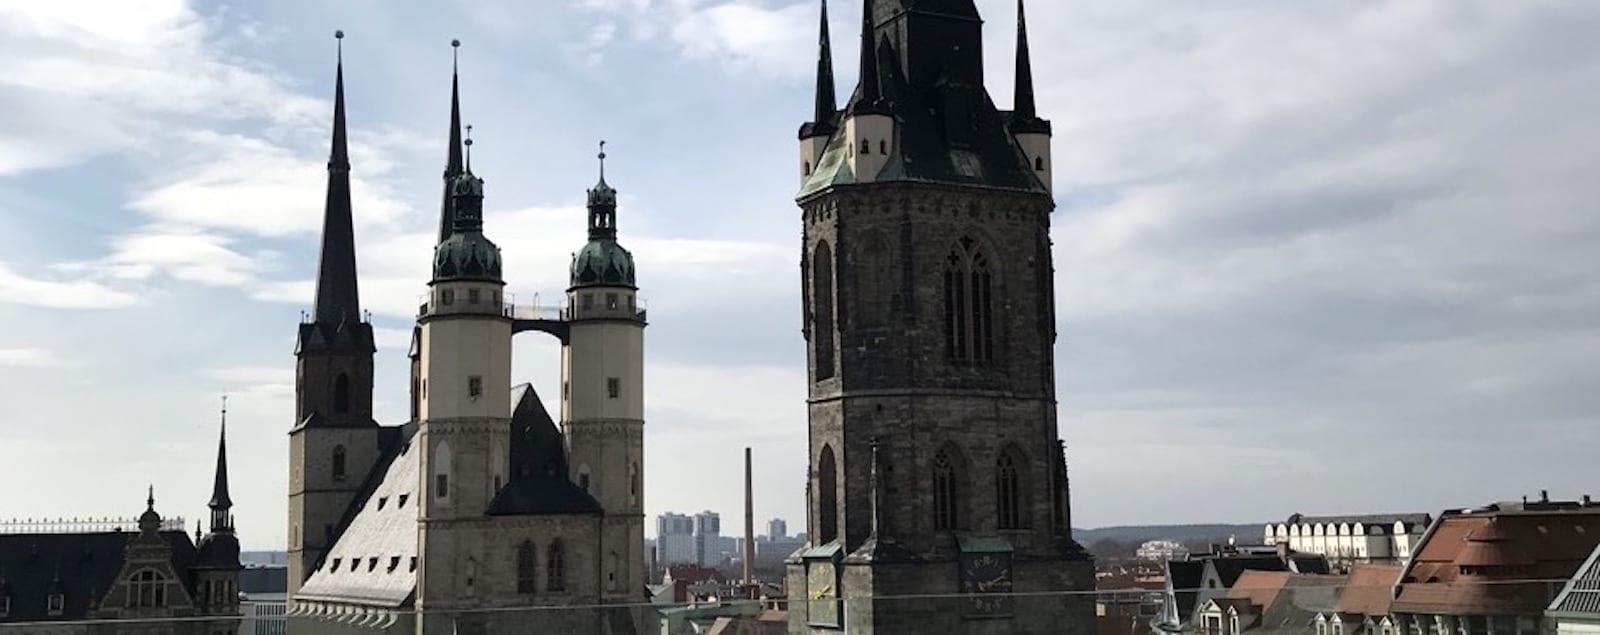 Offenes Aufstellungsseminar Halle (Saale), Lebens-Integrations-Prozess, Systemaufstellungen, Symptomaufstellungen